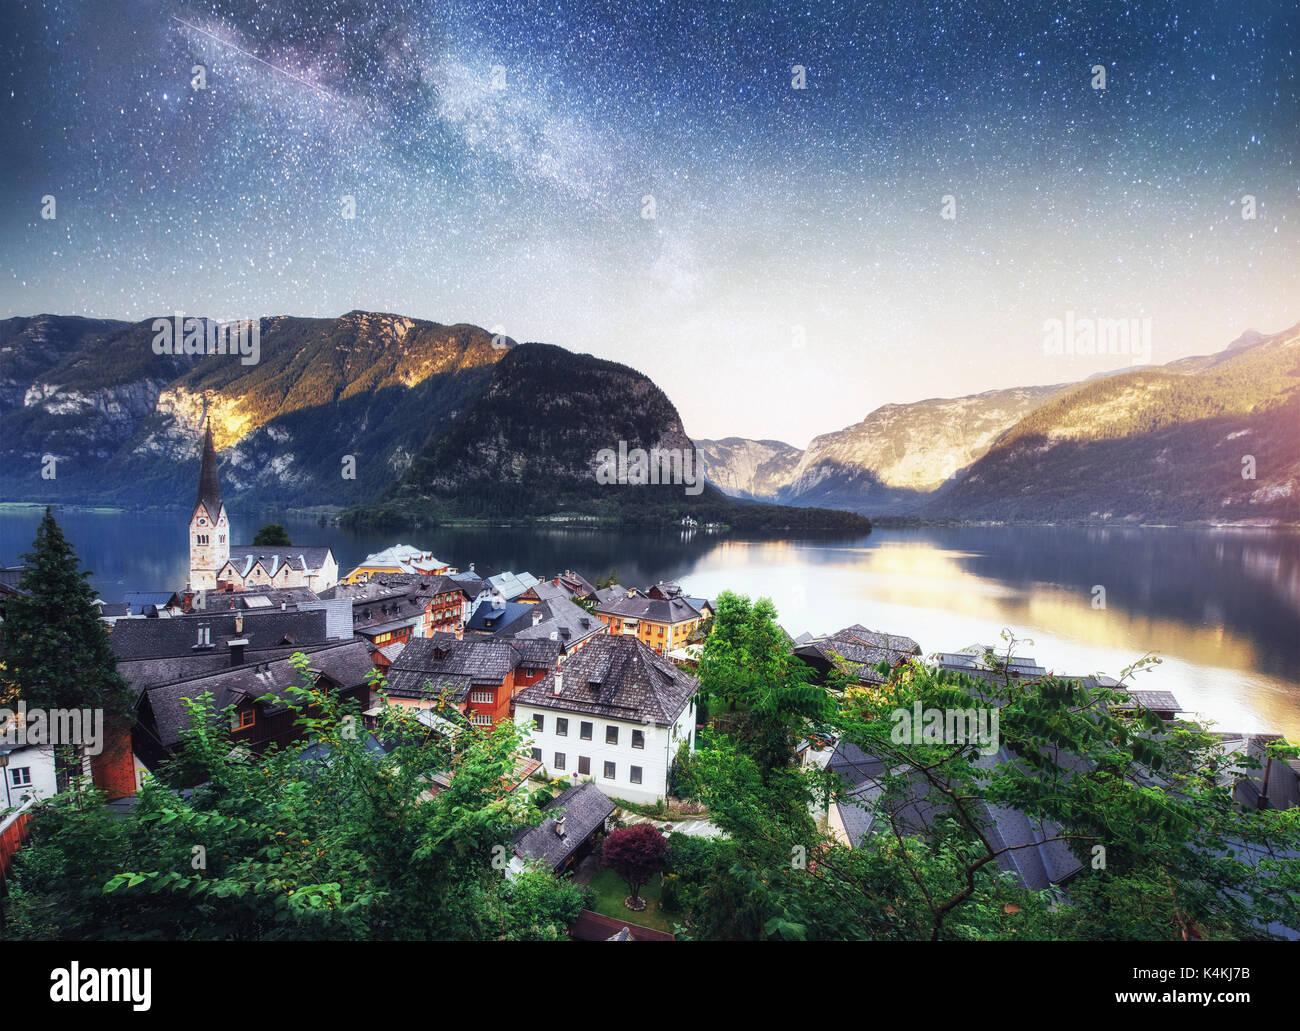 Superbe vue panoramique sur le célèbre village de montagne dans les Alpes autrichiennes. Superbe voie lactée. Hallstatt. L'Autriche Photo Stock